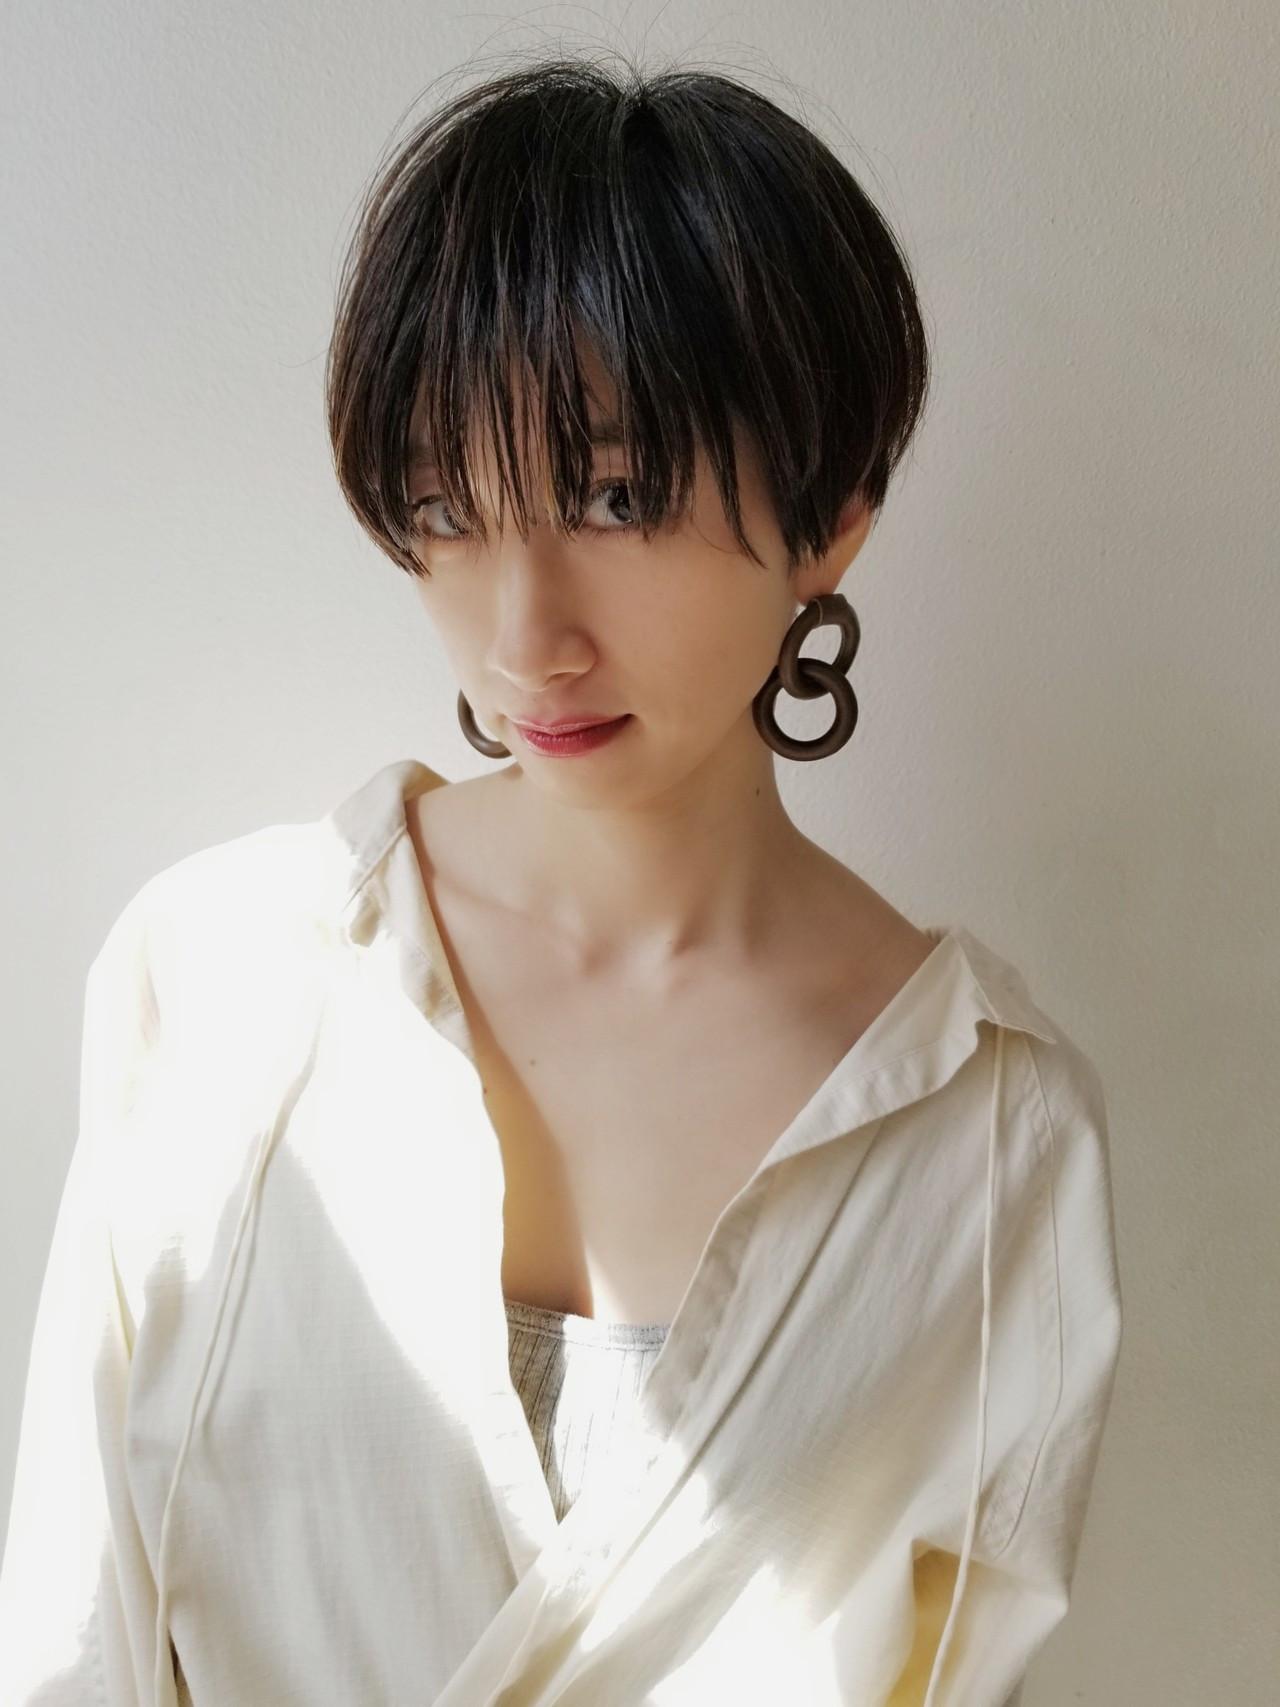 ぱっつん前髪のモードショートスタイル 川田 義人 GREEK hairdesign